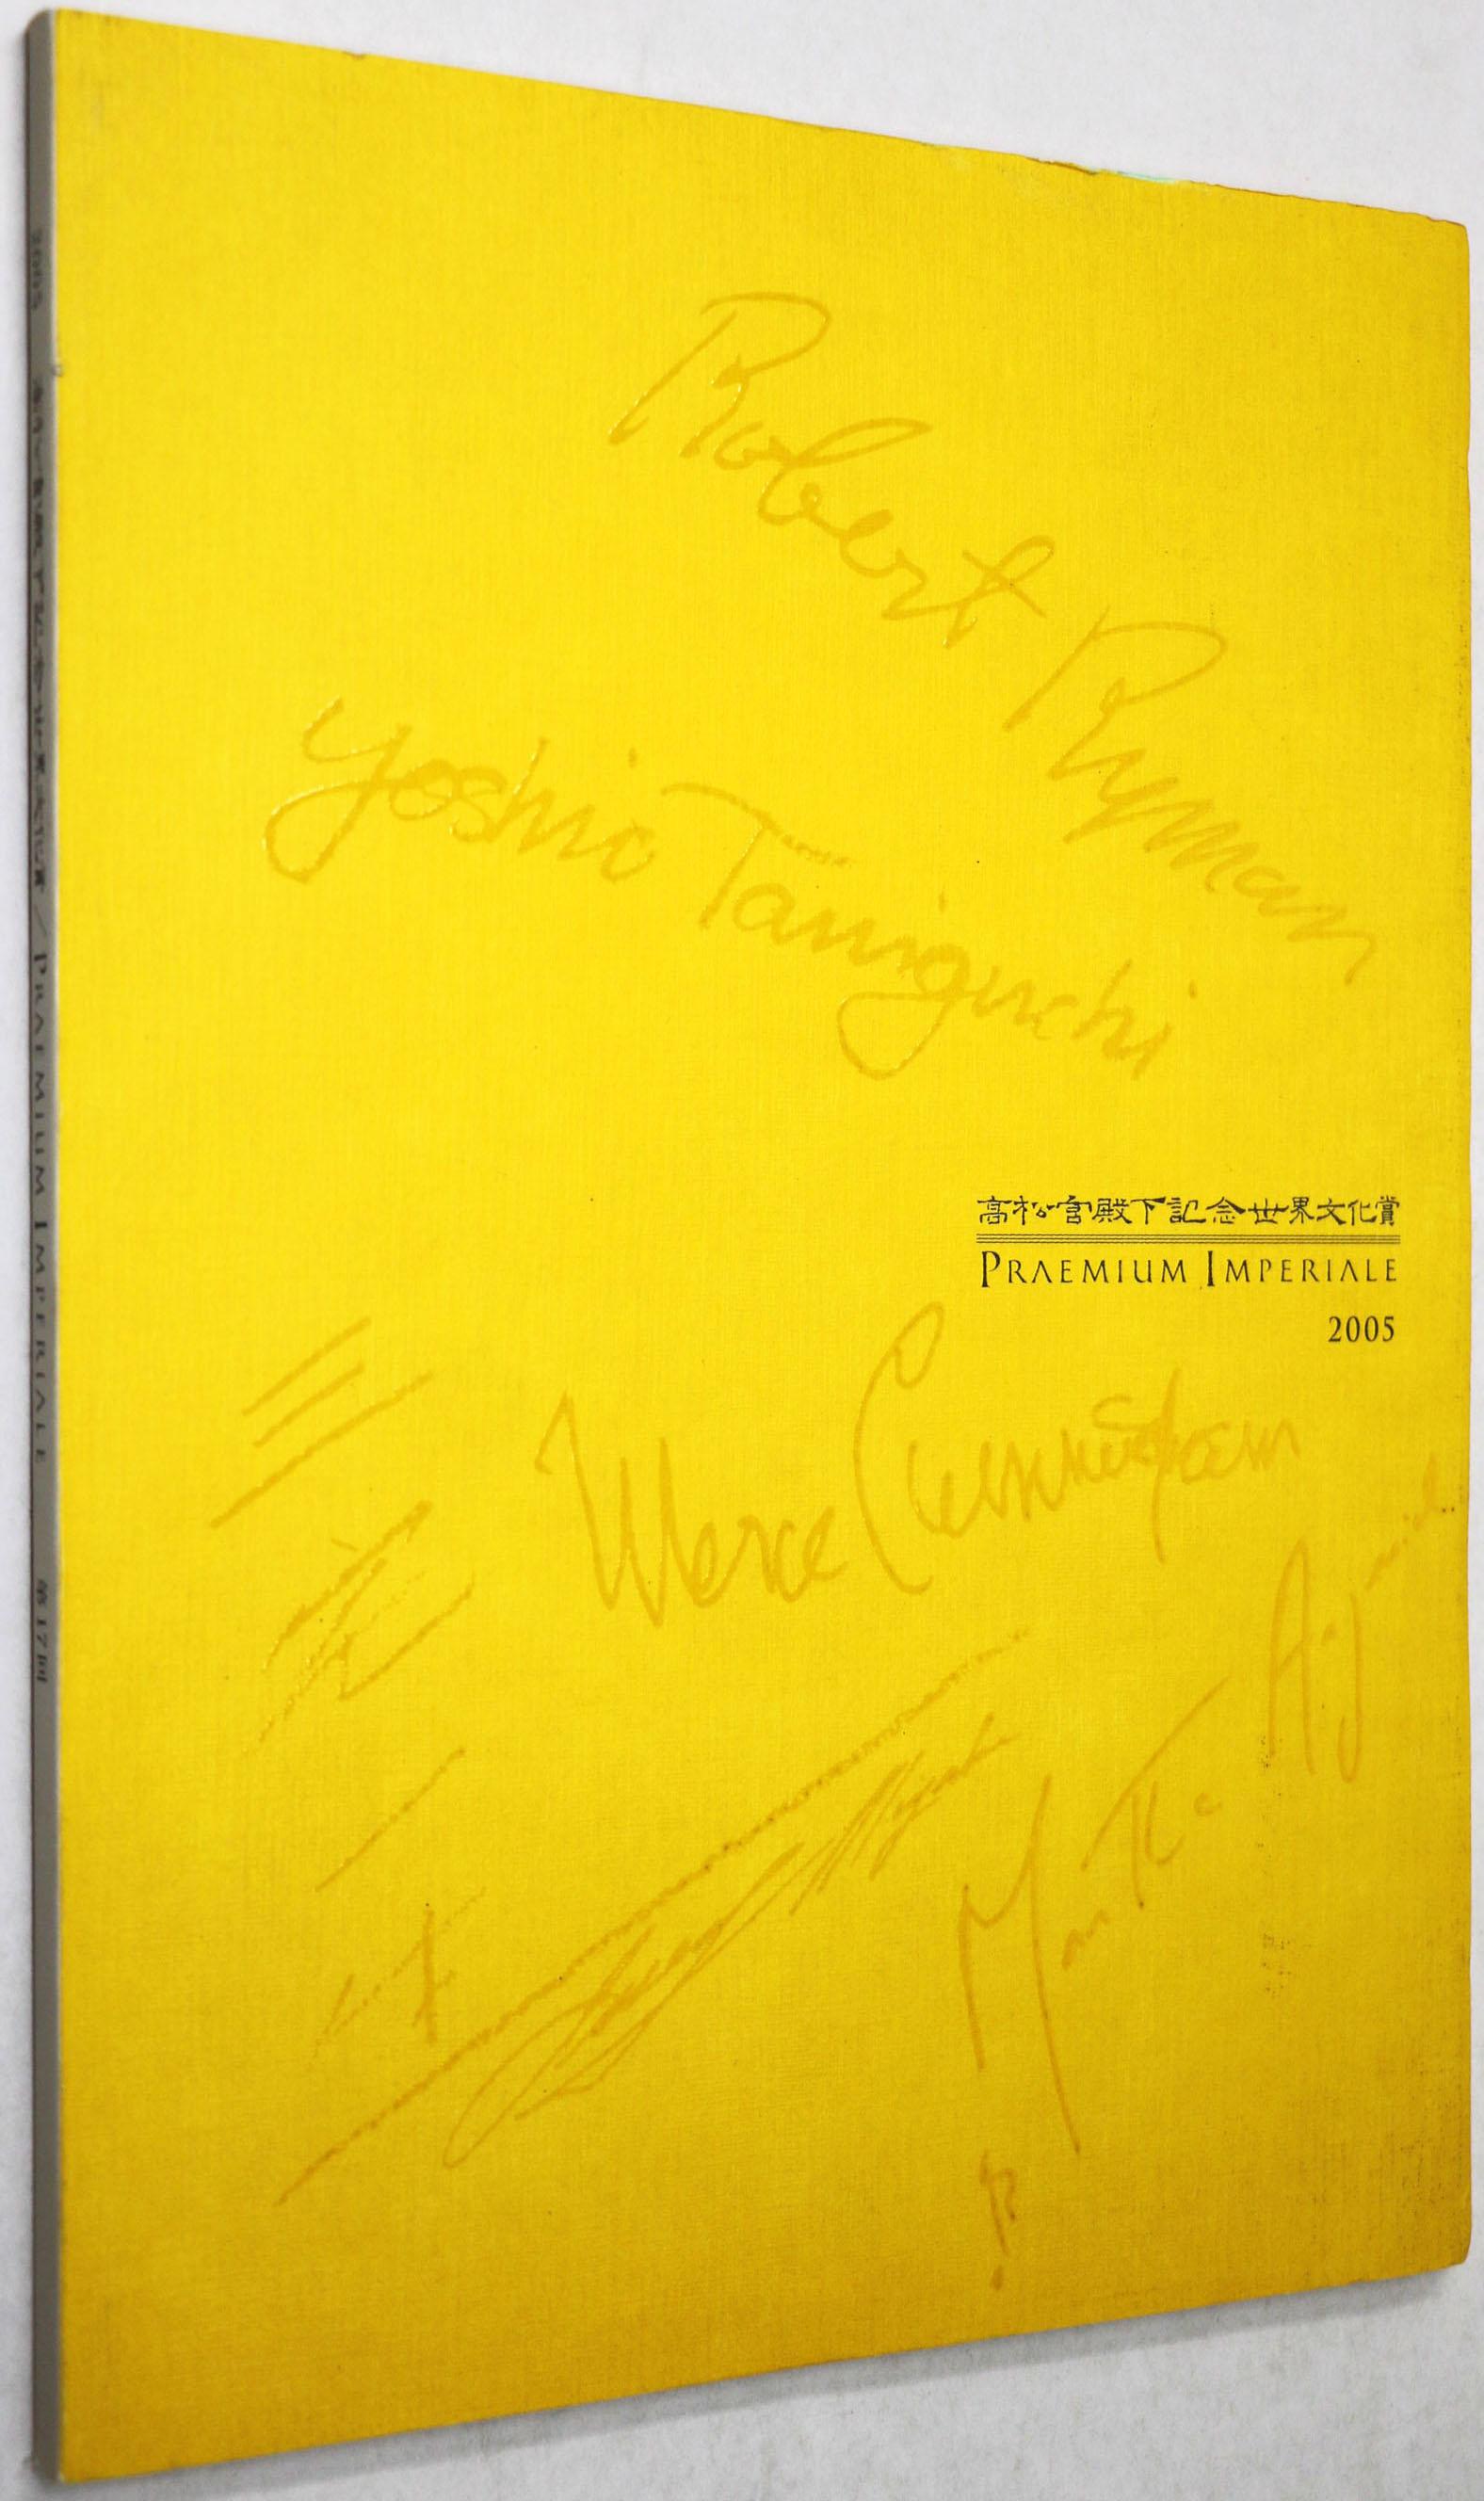 高松宮殿下記念世界文化賞 第17回 2005